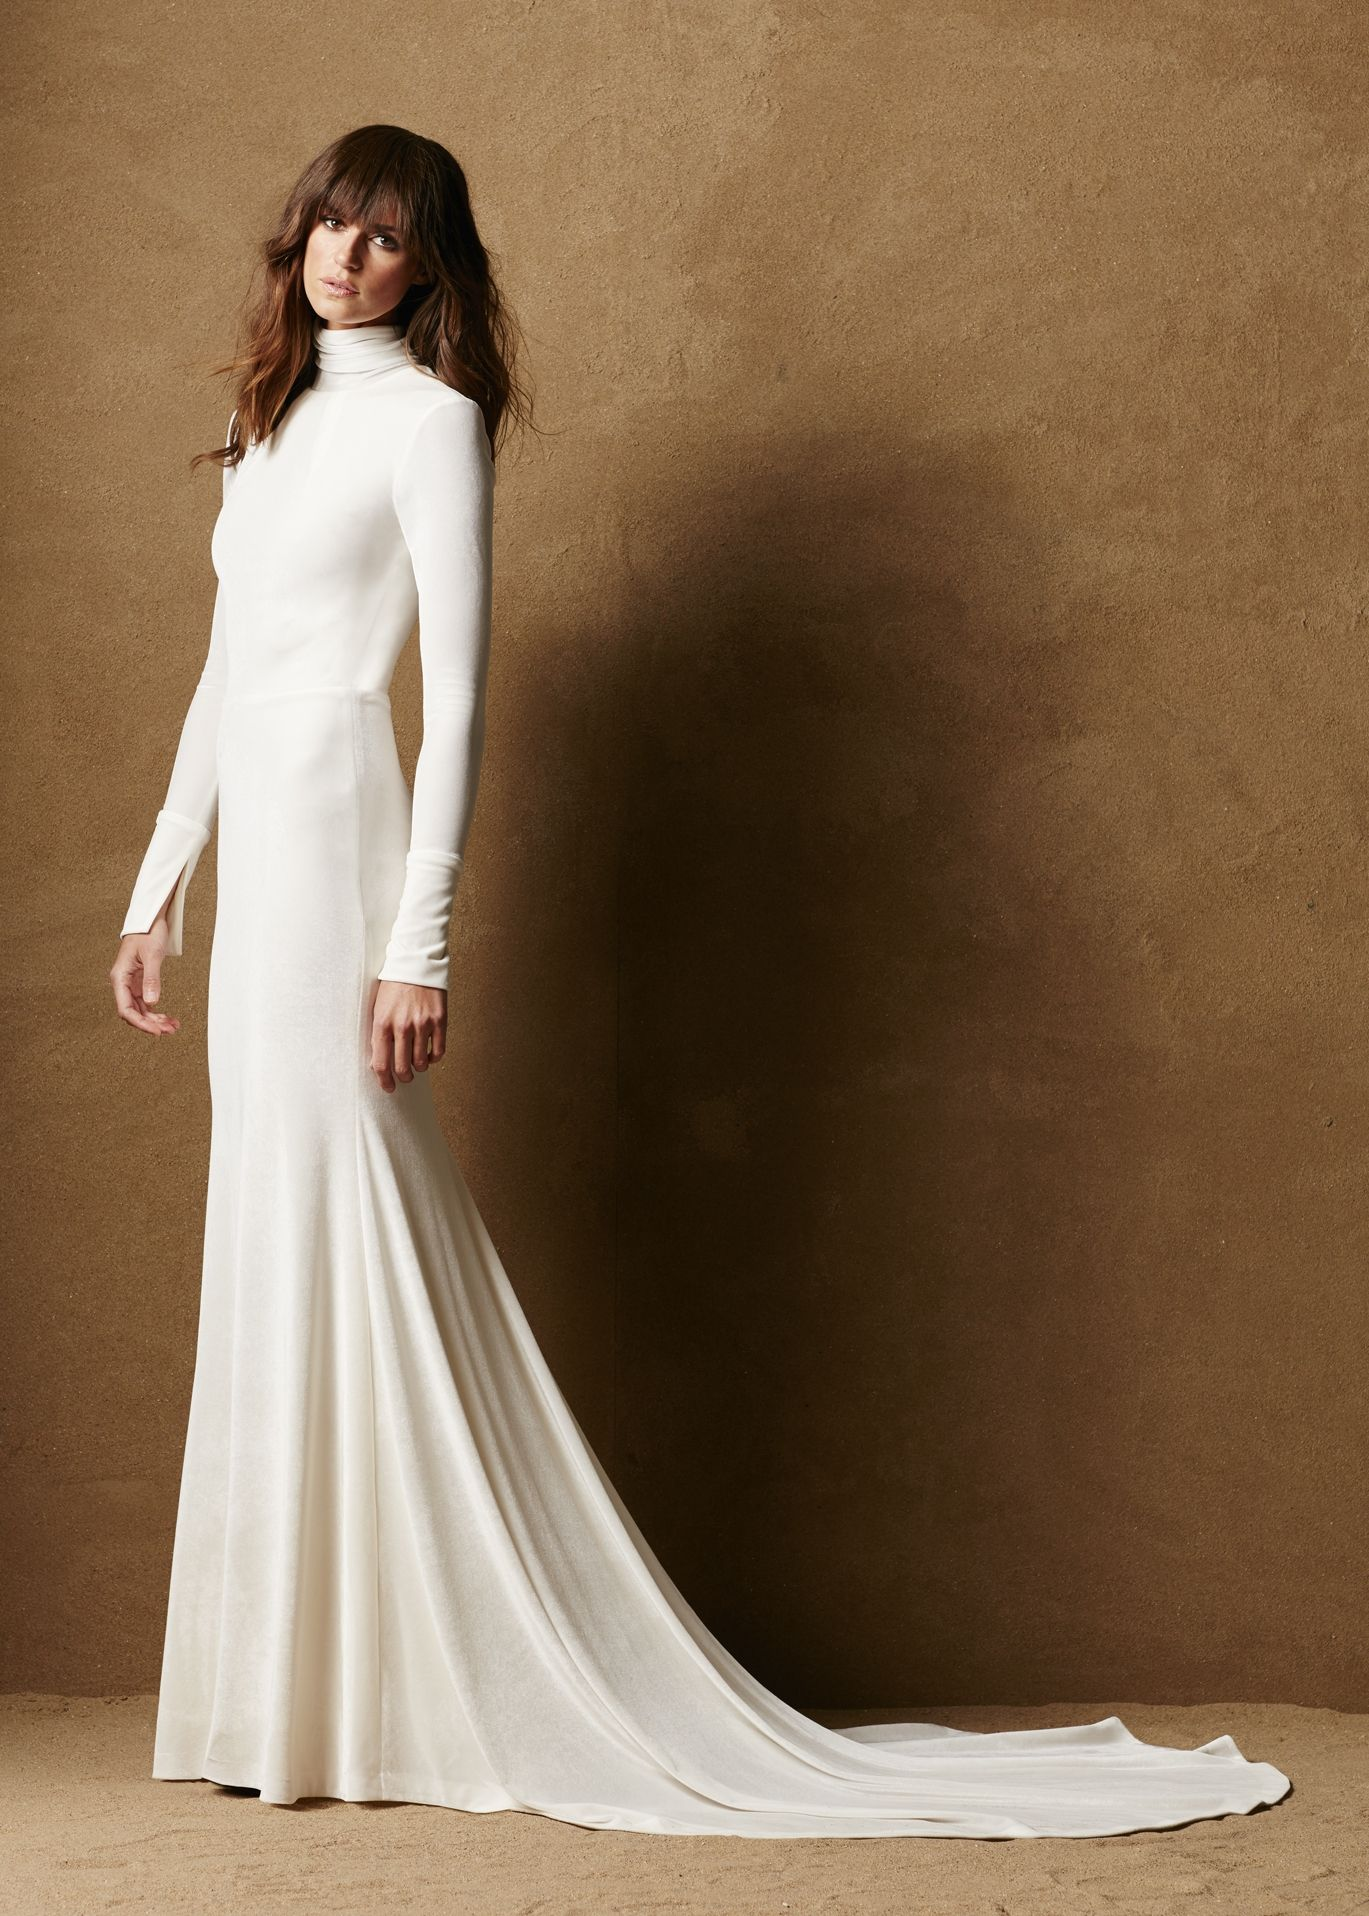 Stretch Velvet Fitted Gown 4 Velvet Wedding Dress Wedding Dresses White Velvet Dress [ 1916 x 1369 Pixel ]